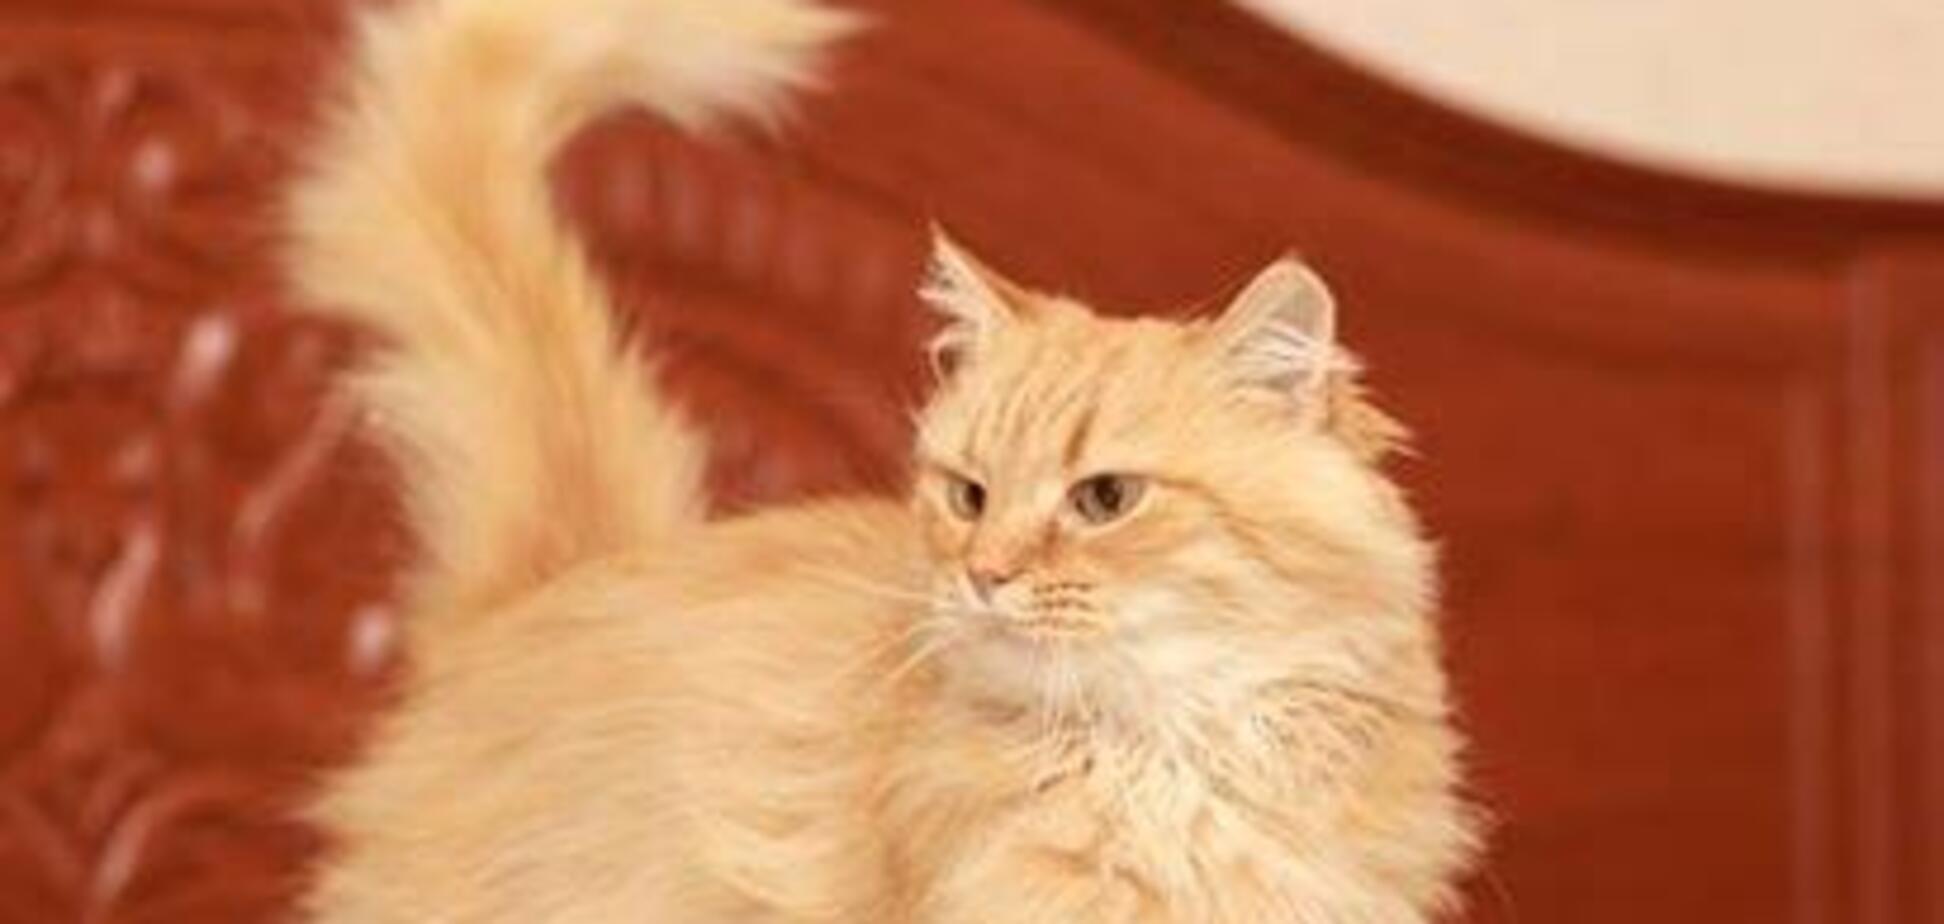 Друг безкоштовно: 4 котика Дніпра, які шукають дім